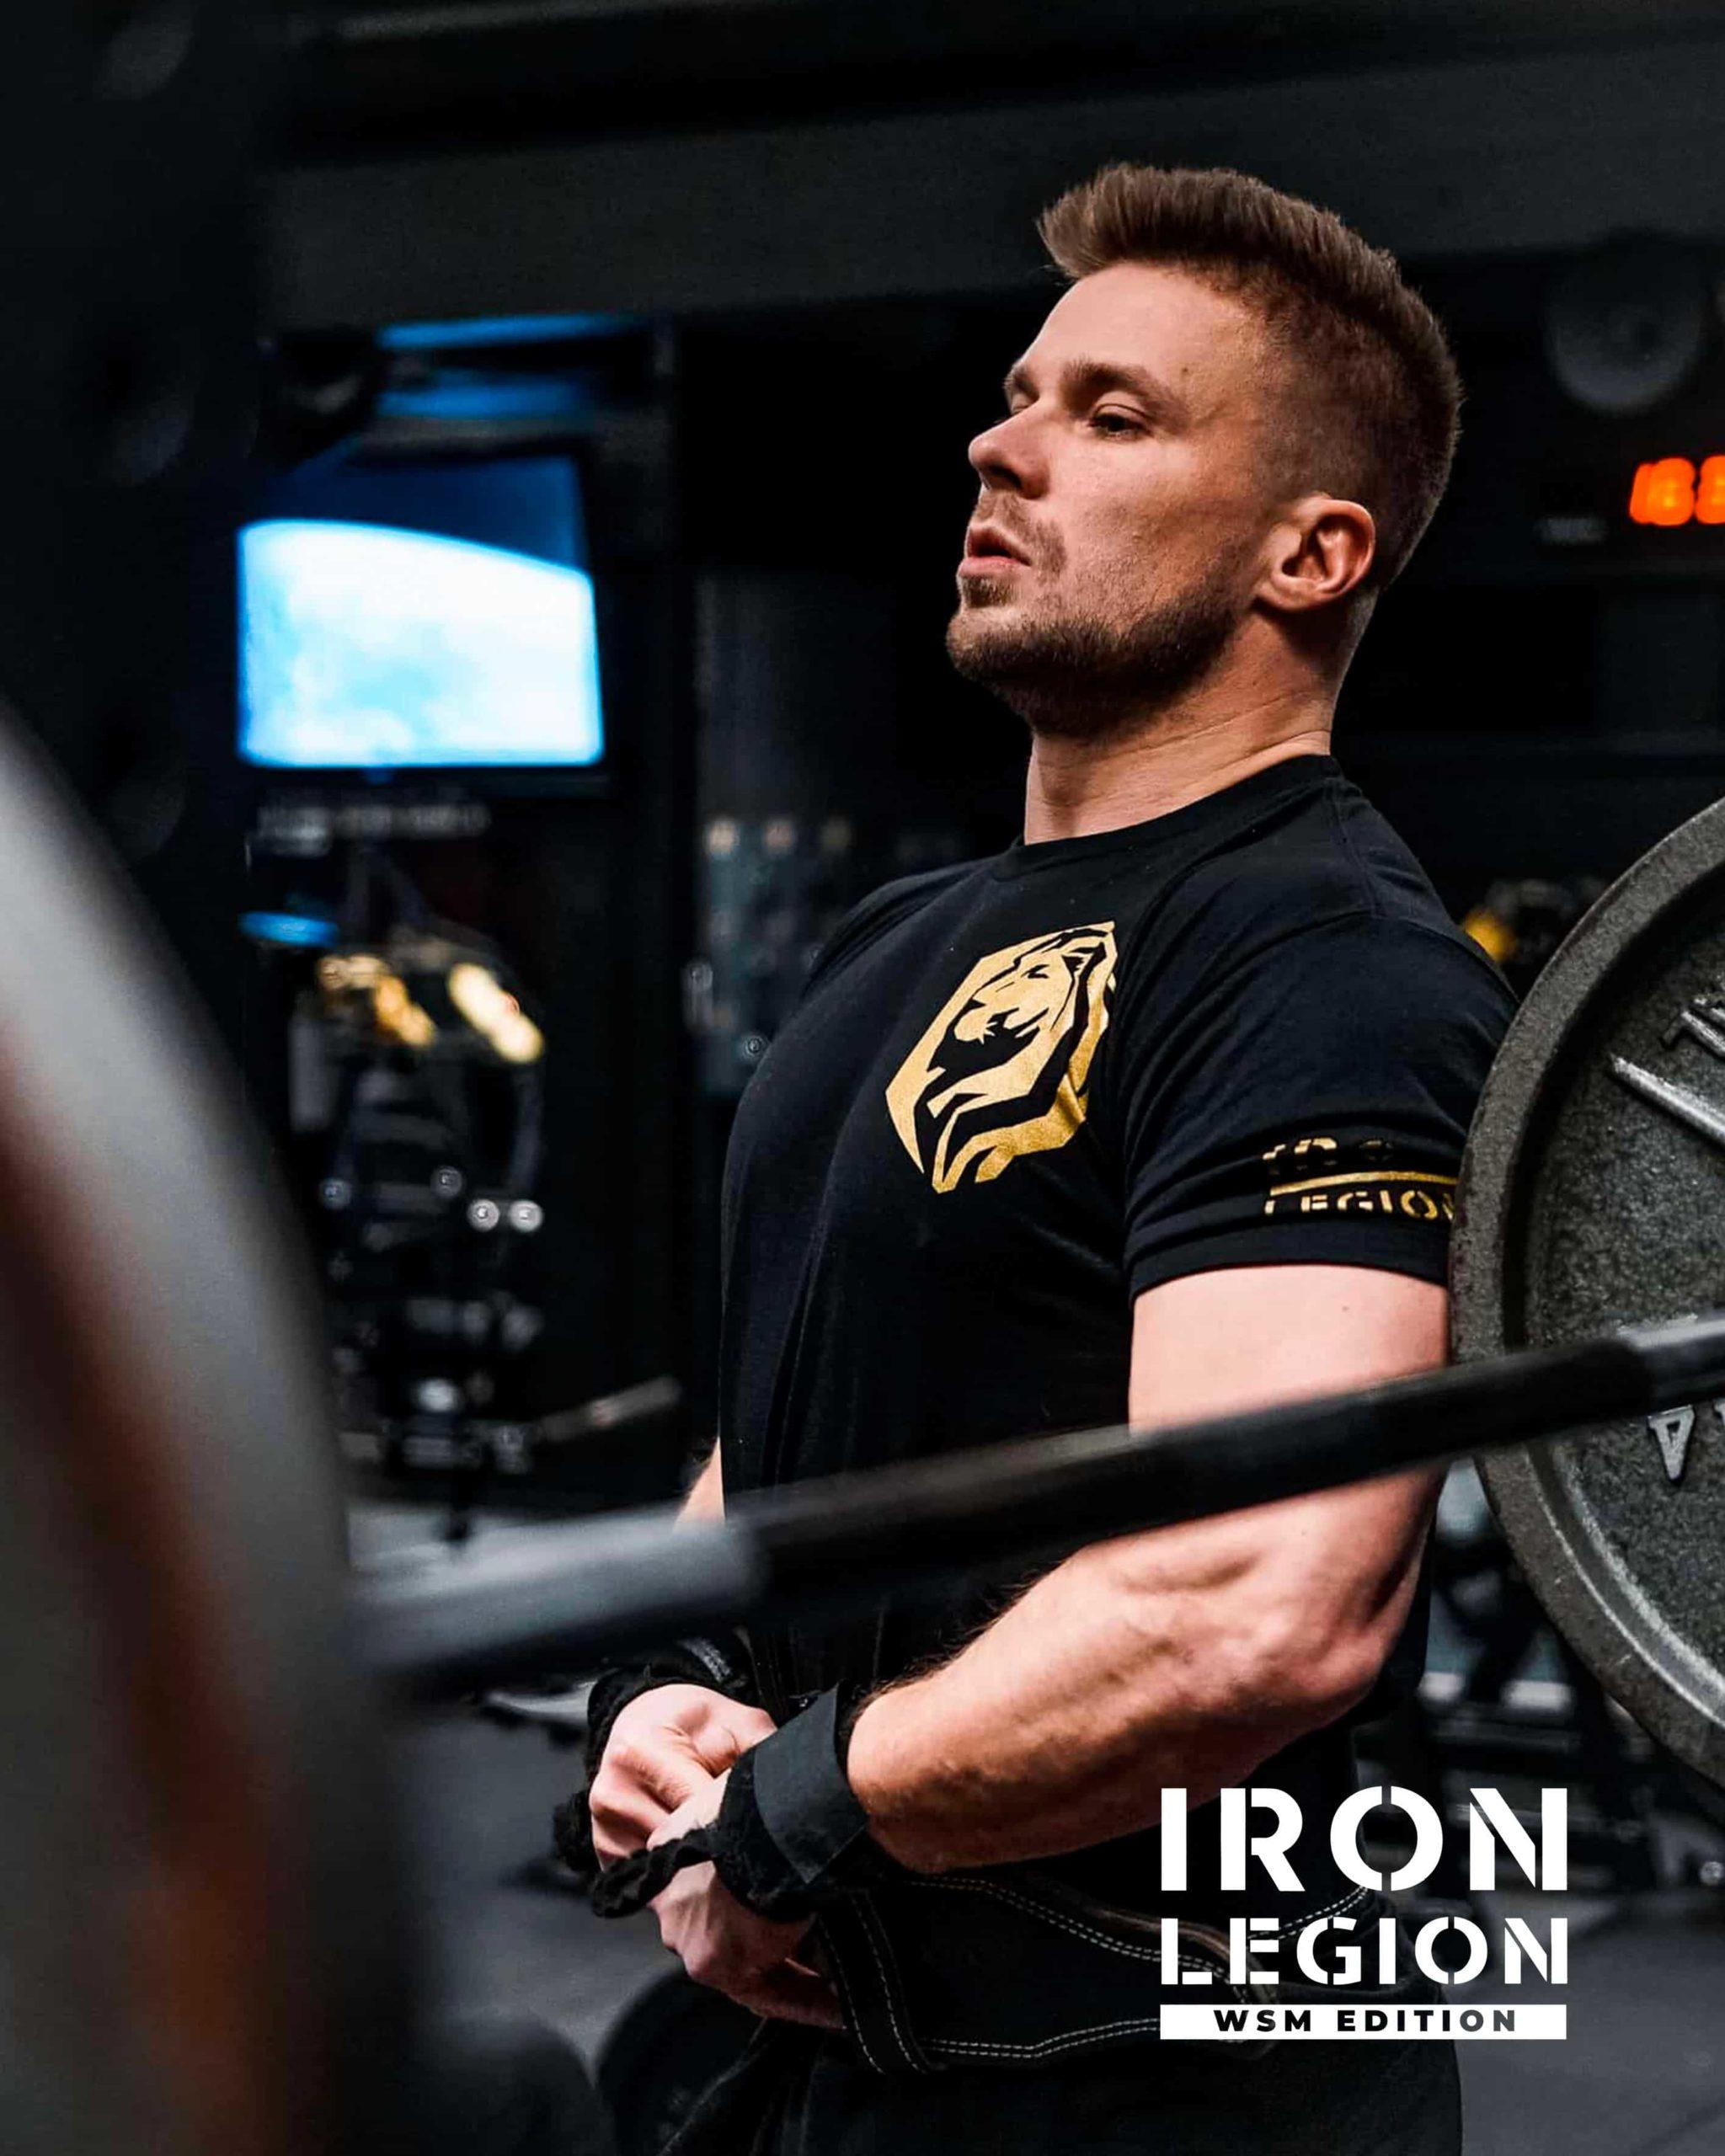 Iron Legion WSM Edition